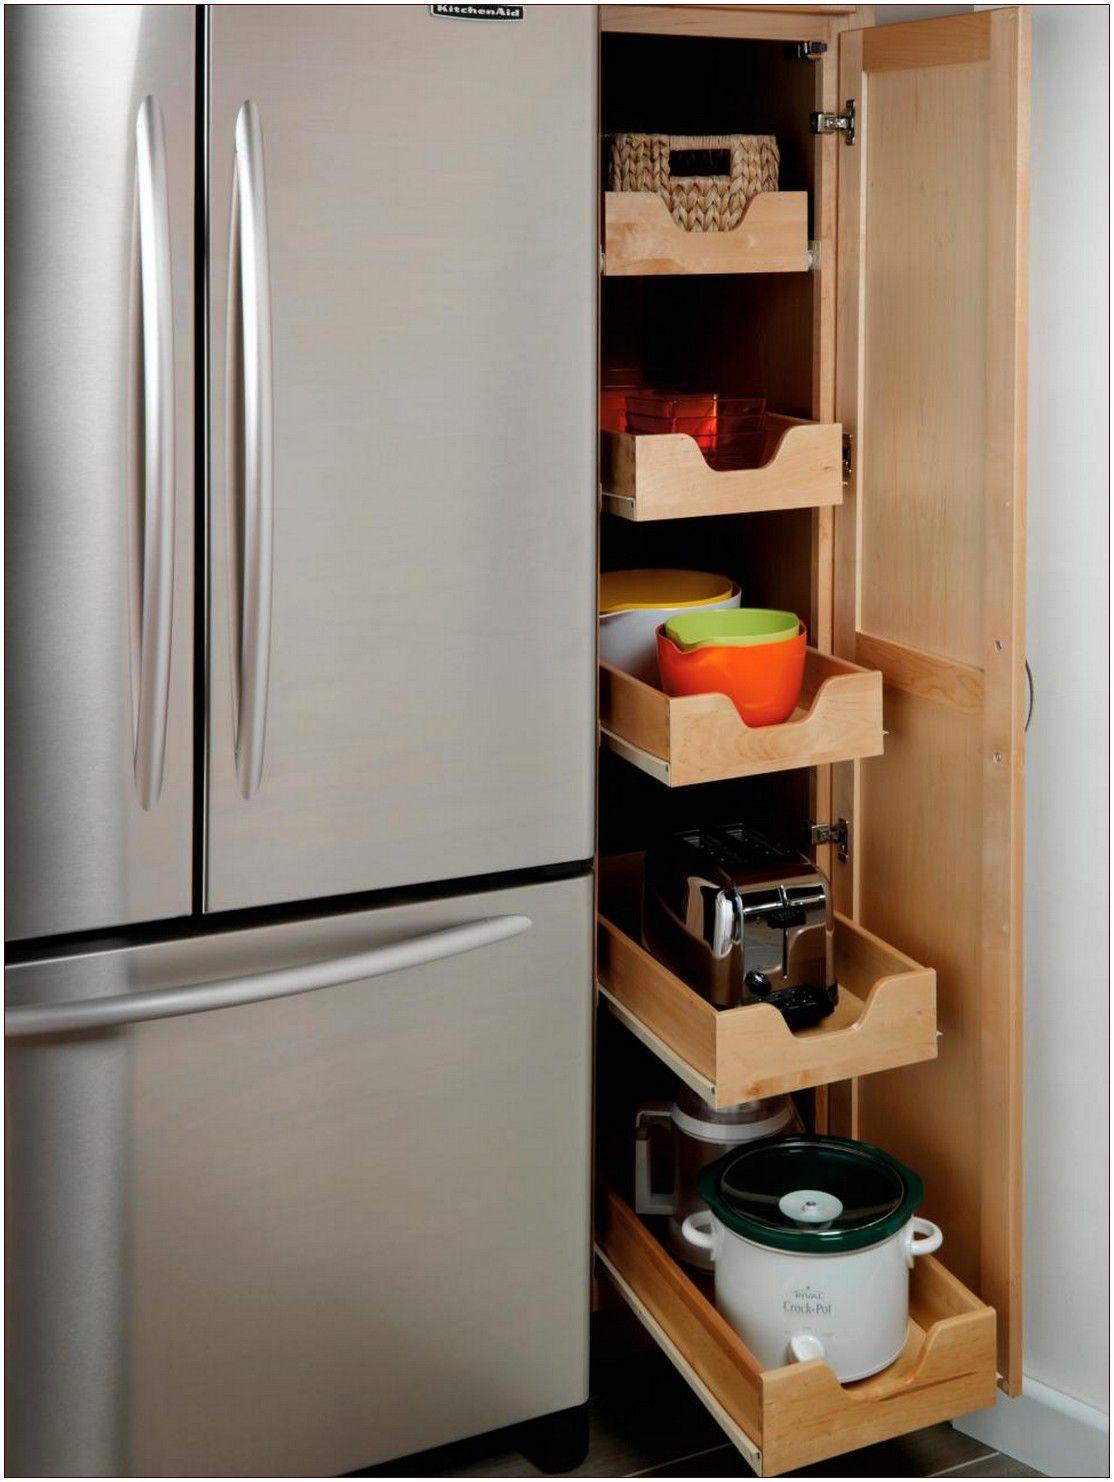 22 Creative Hidden Kitchen Storage Solutions 13 In 2020 Kitchen Layout Home Kitchens Kitchen Storage